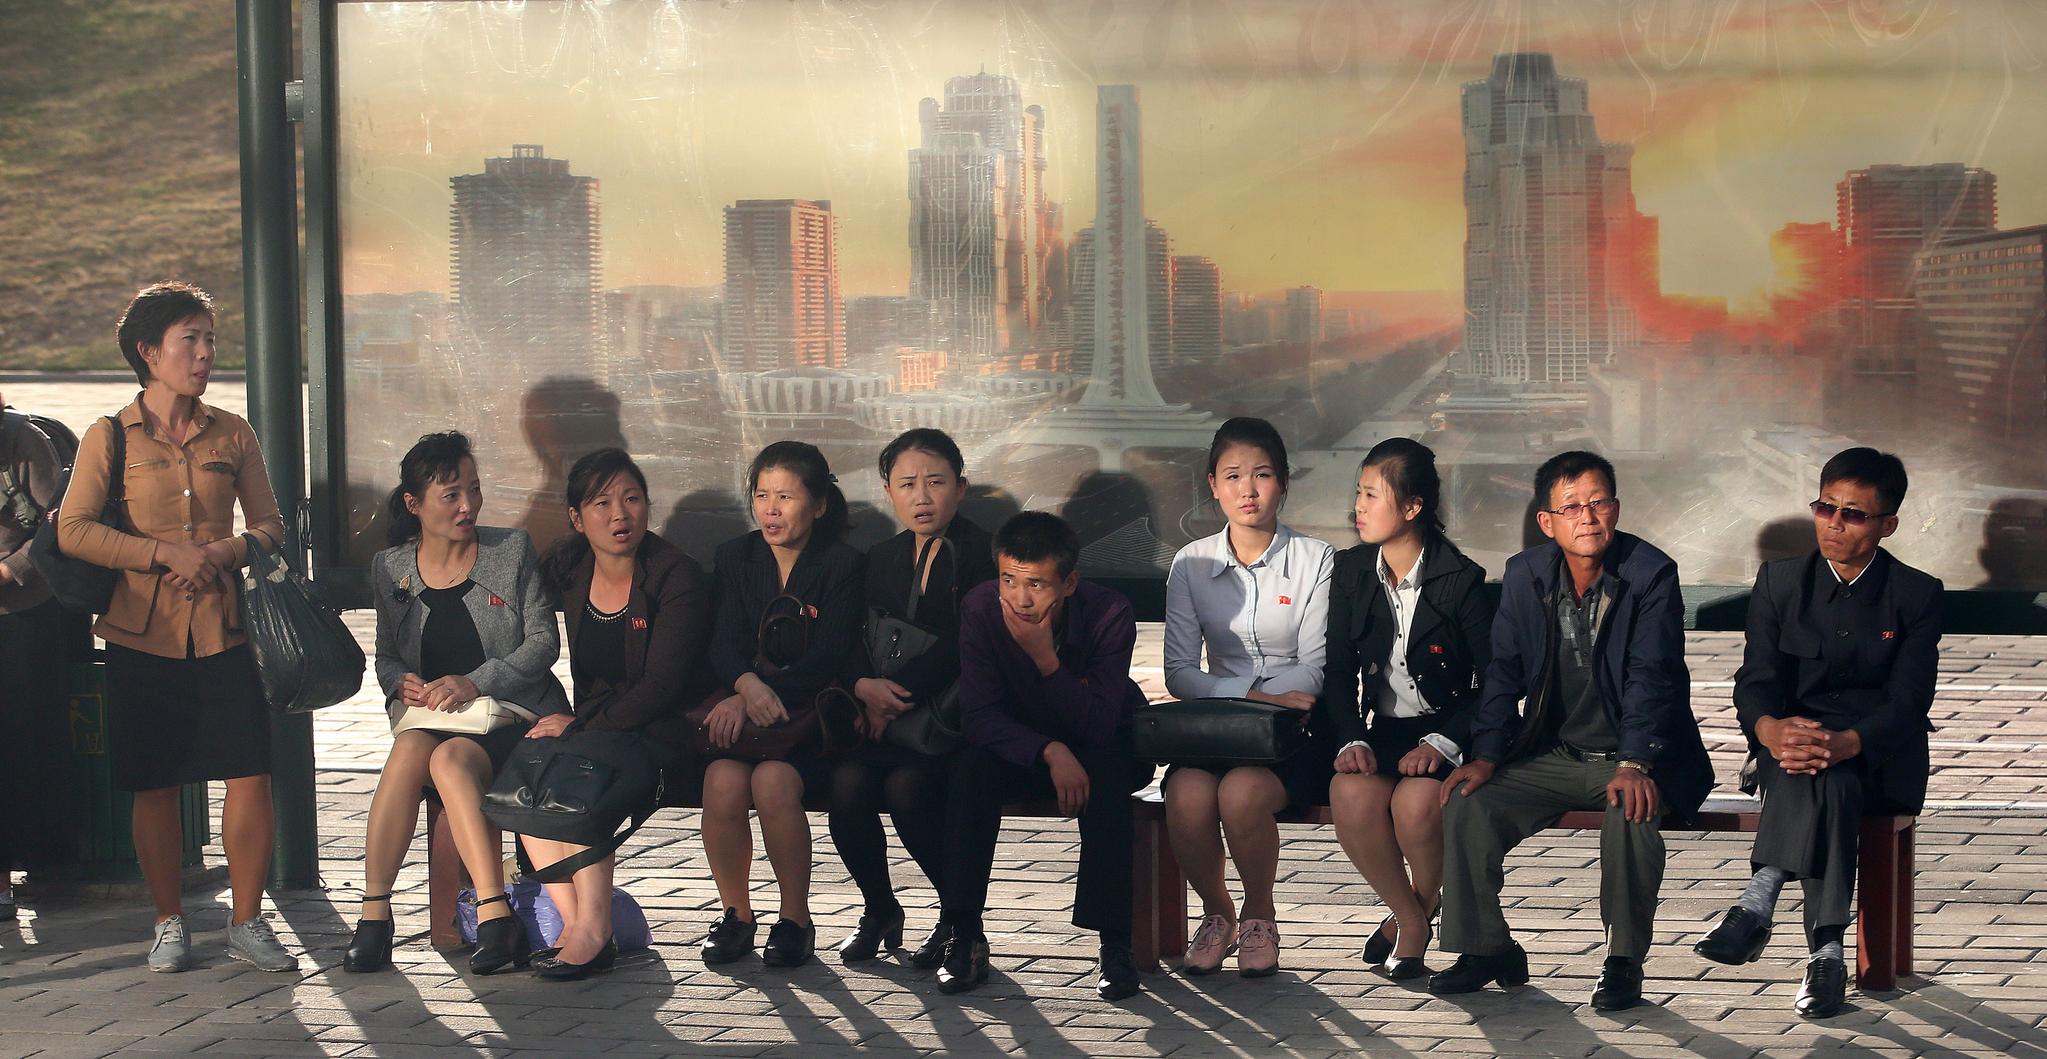 지난 6일 버스를 기다리는 평일 시민들. 평양사진공동취재단